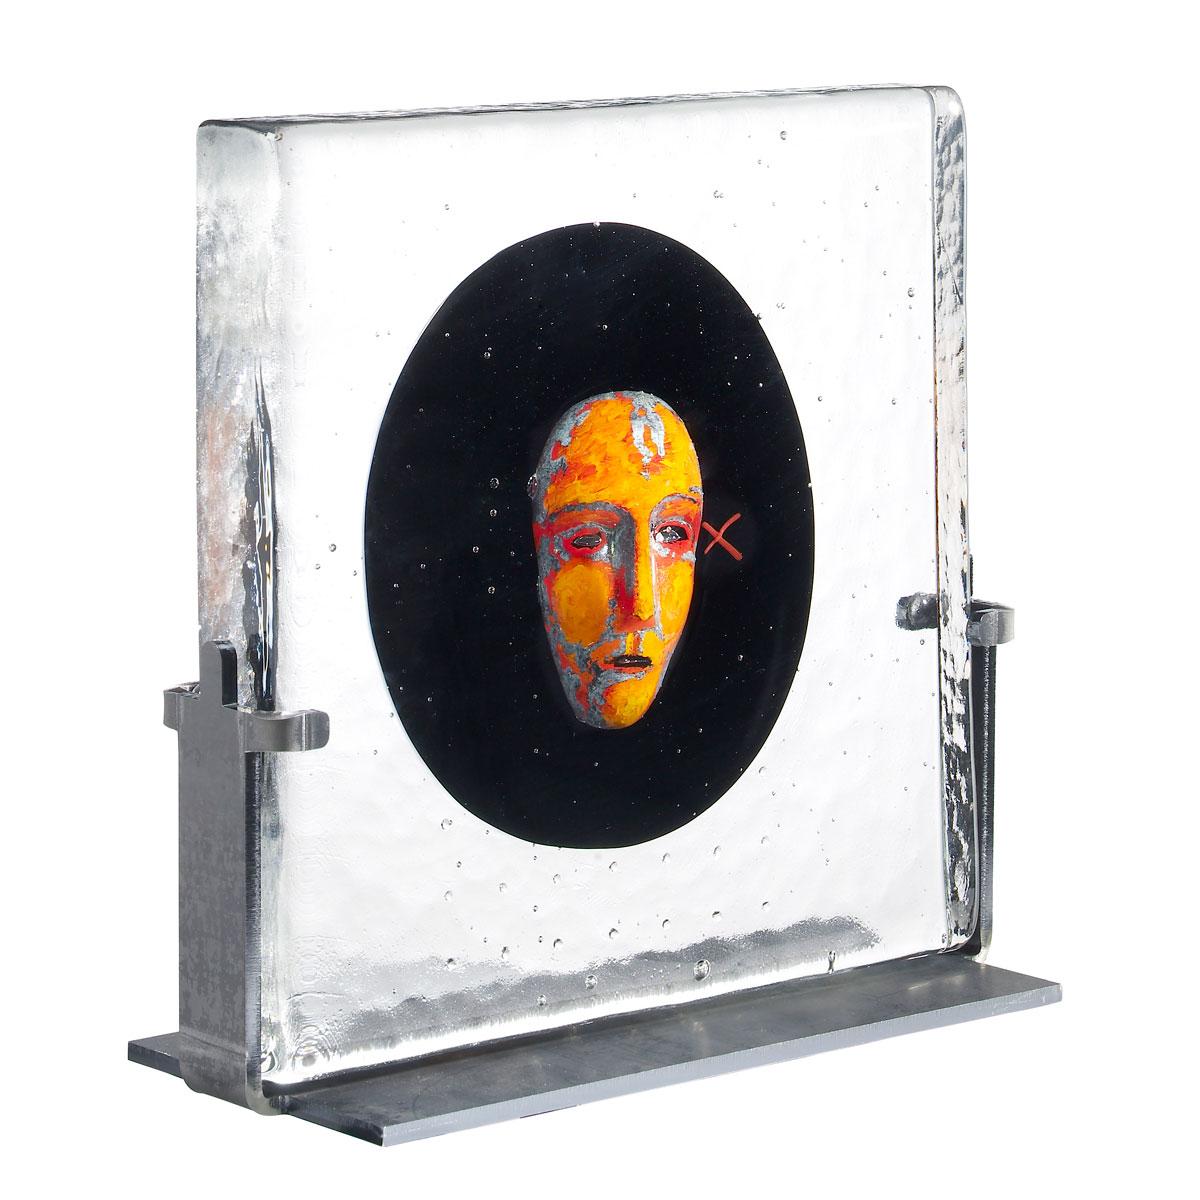 Kosta Boda Crystal Black Elements Black Moon Sculpture